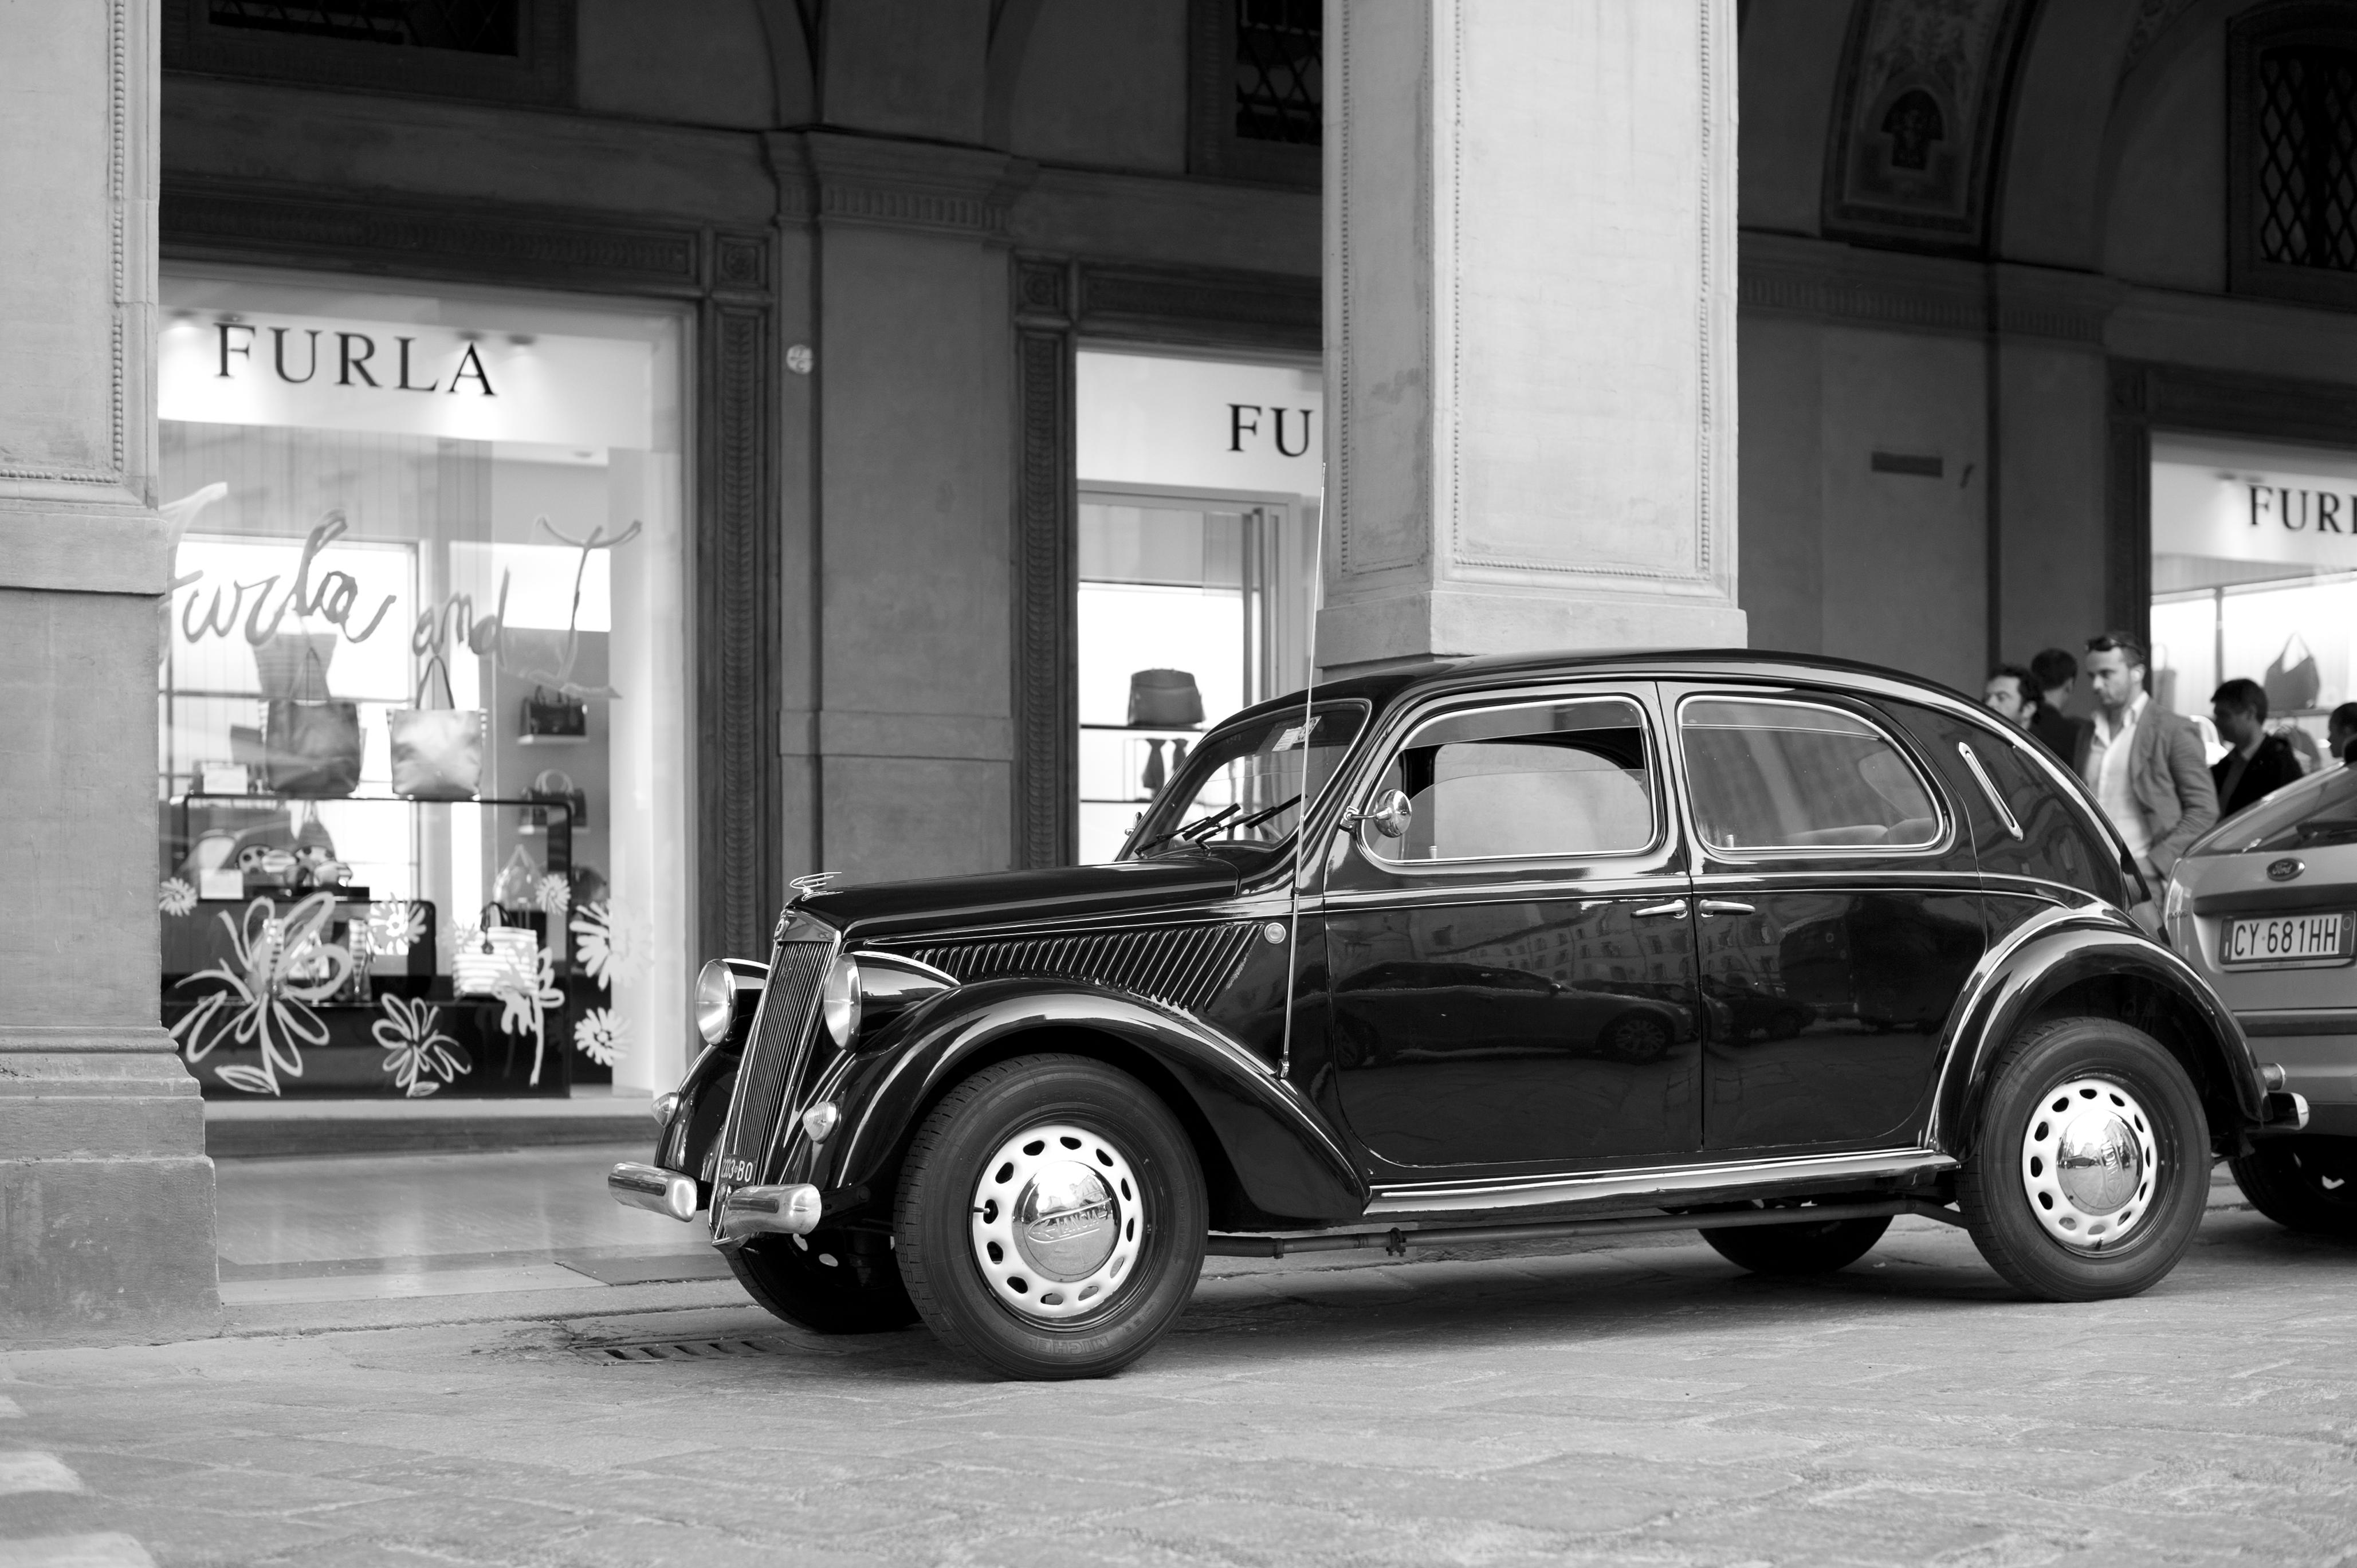 Bologna_maquina